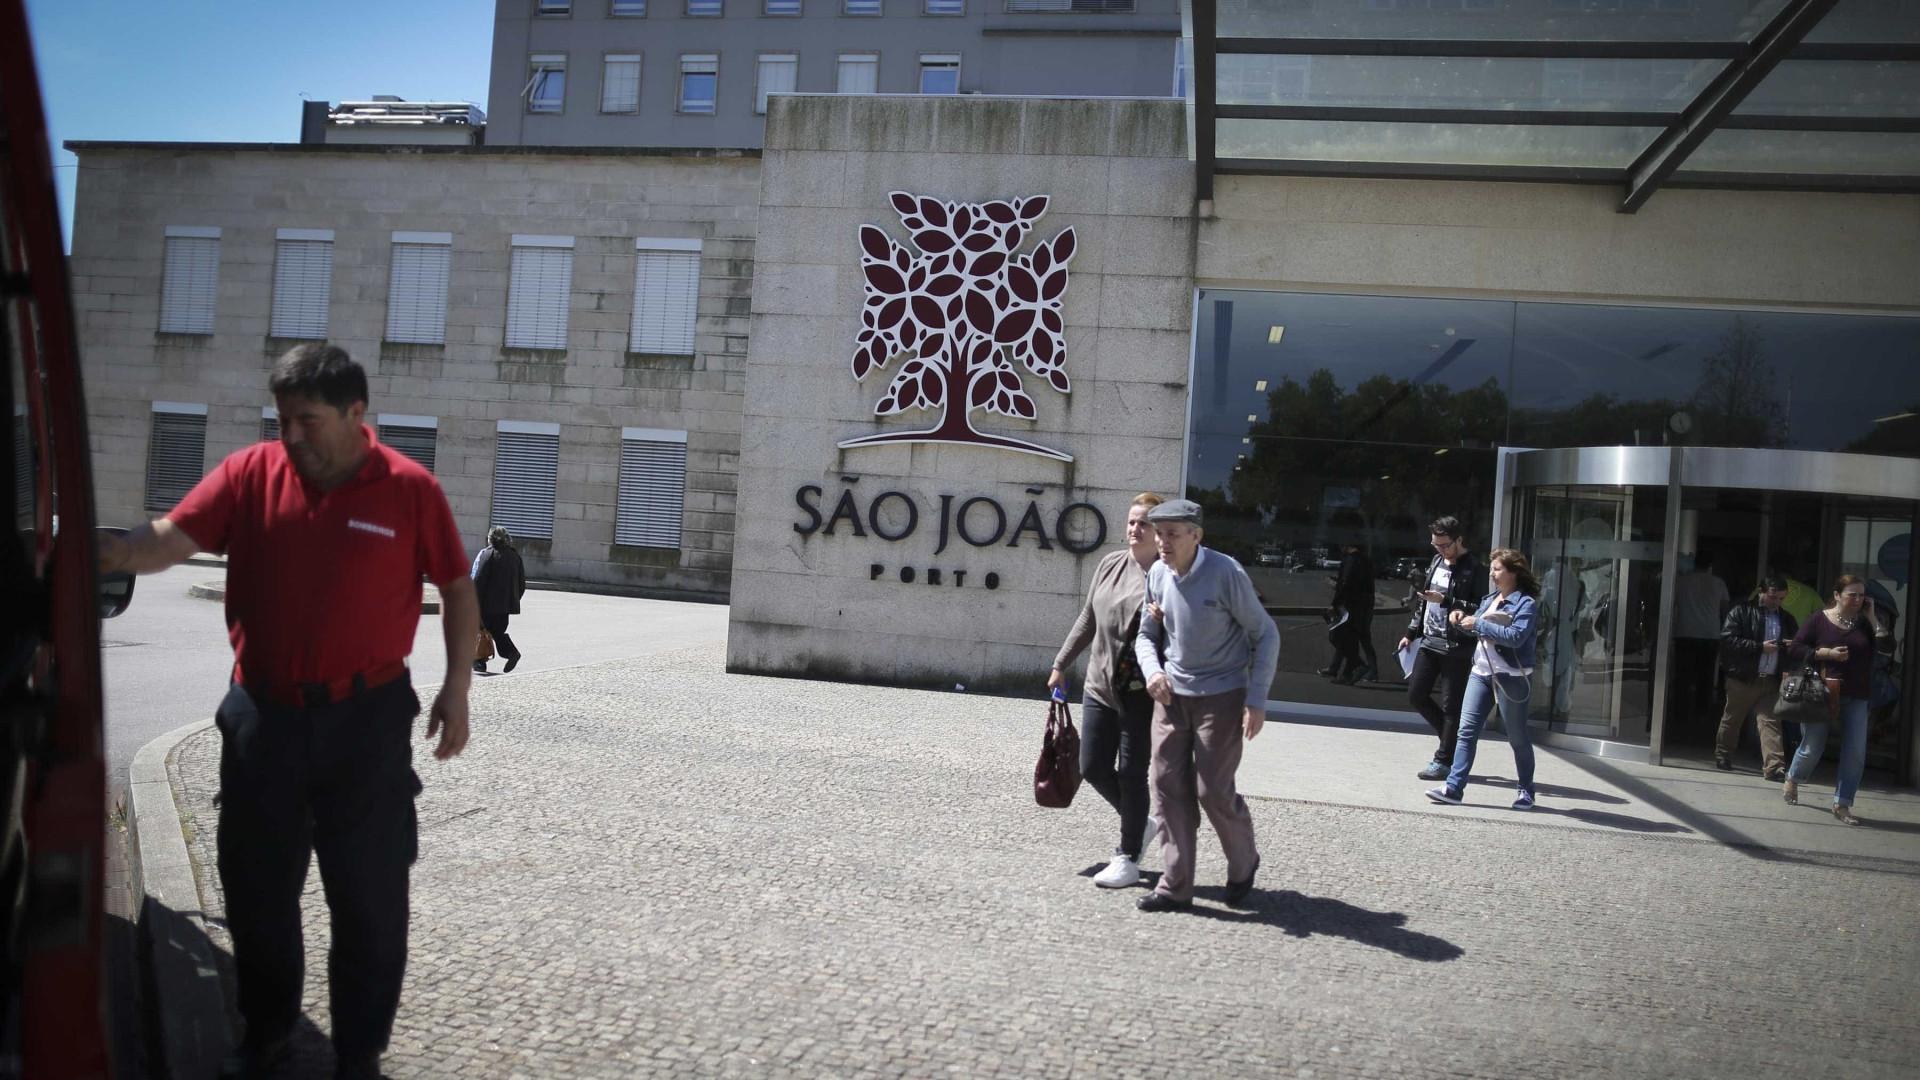 Mulher que tentou raptar bebé no S. João com julgamento marcado para hoje